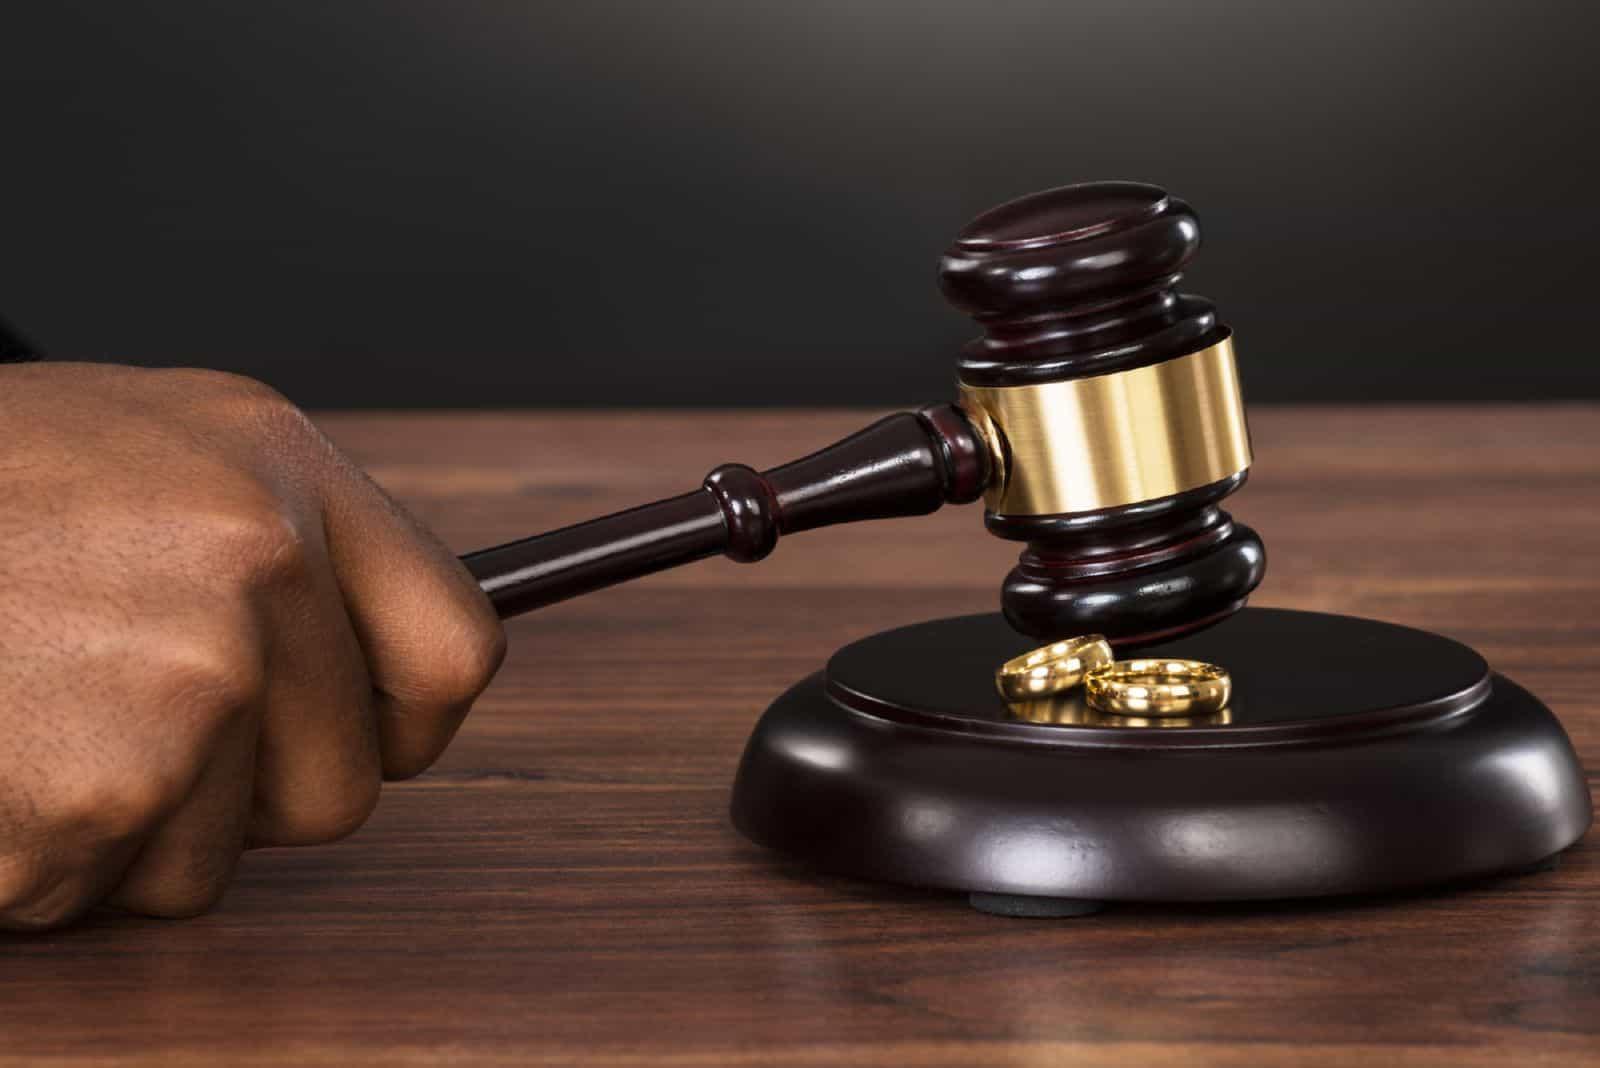 Олвин судебная практика о брачных договорах поле зрения